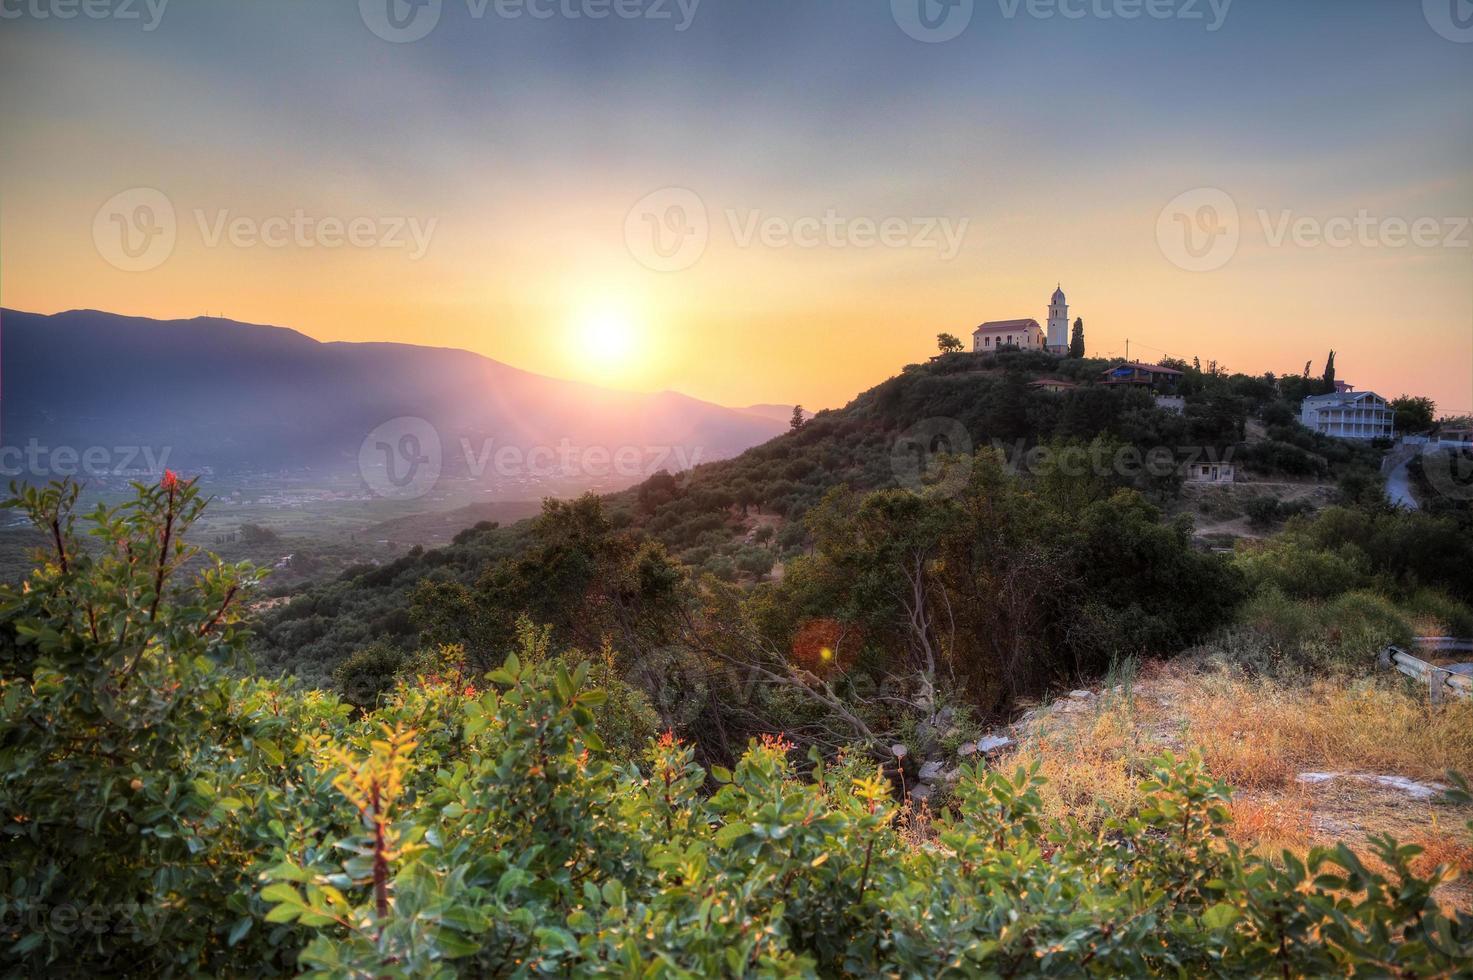 Hilltop church sunset photo